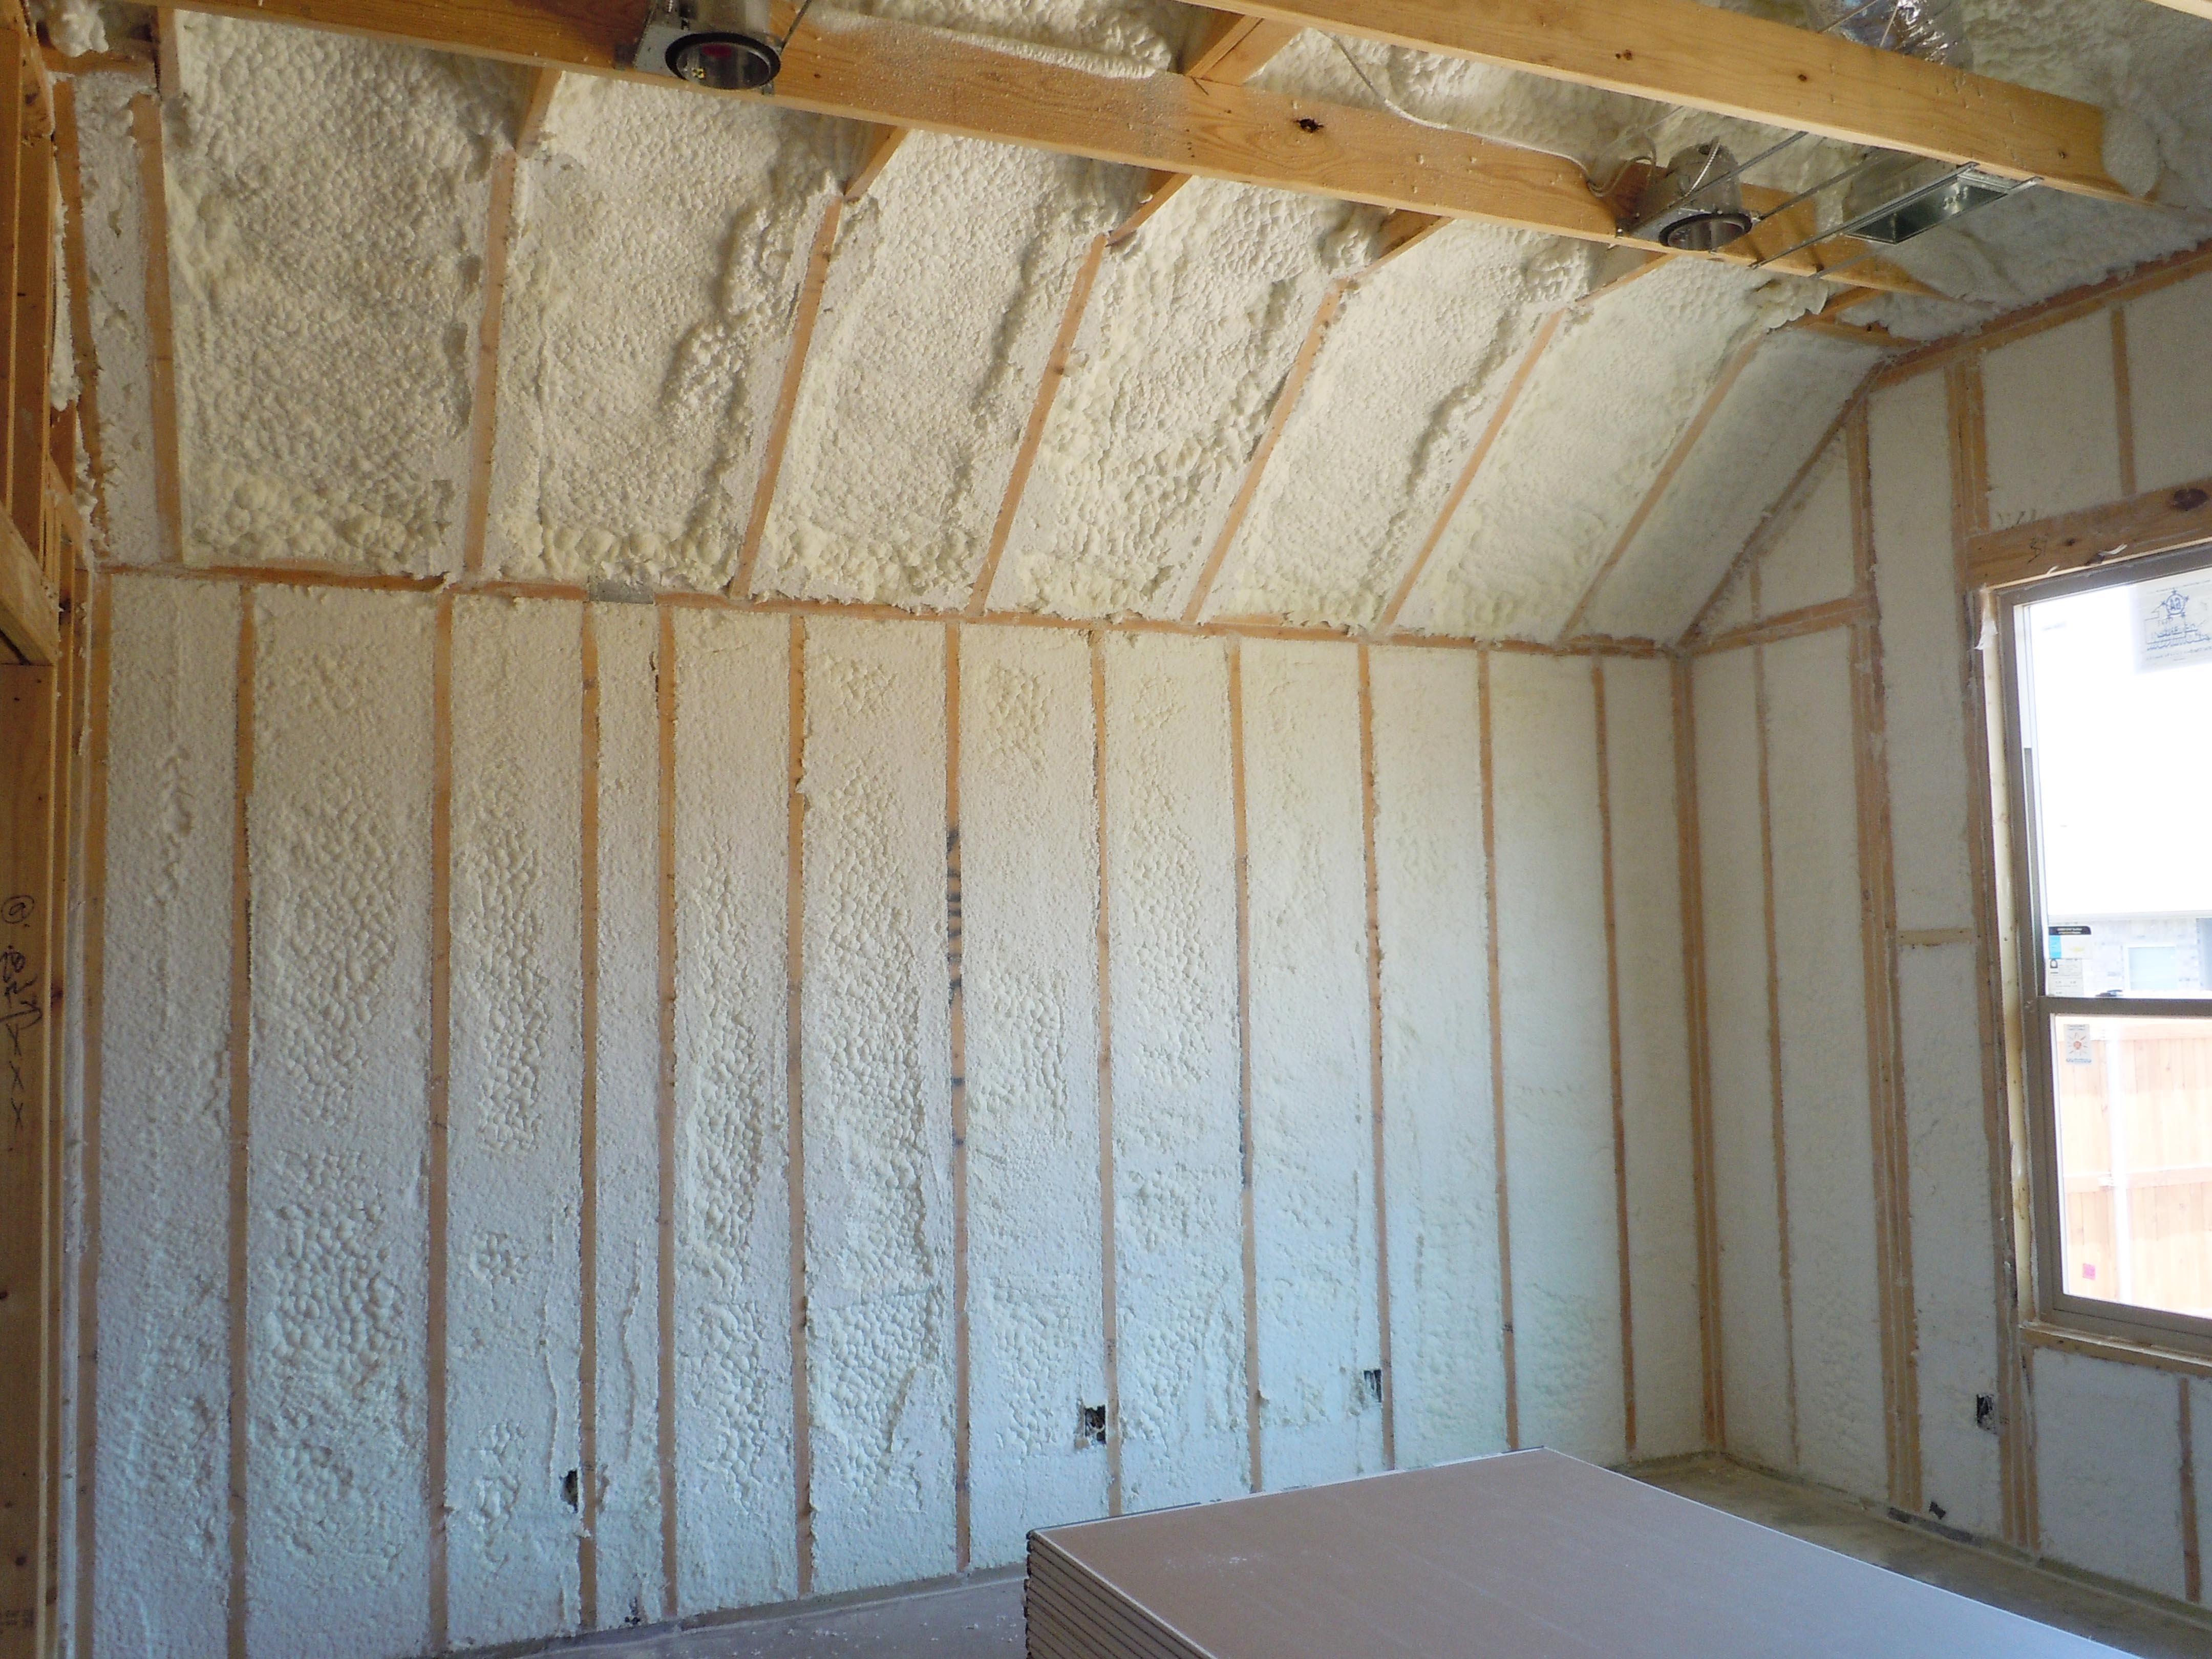 Как утеплить стены в квартире изнутри своими руками дешево 70